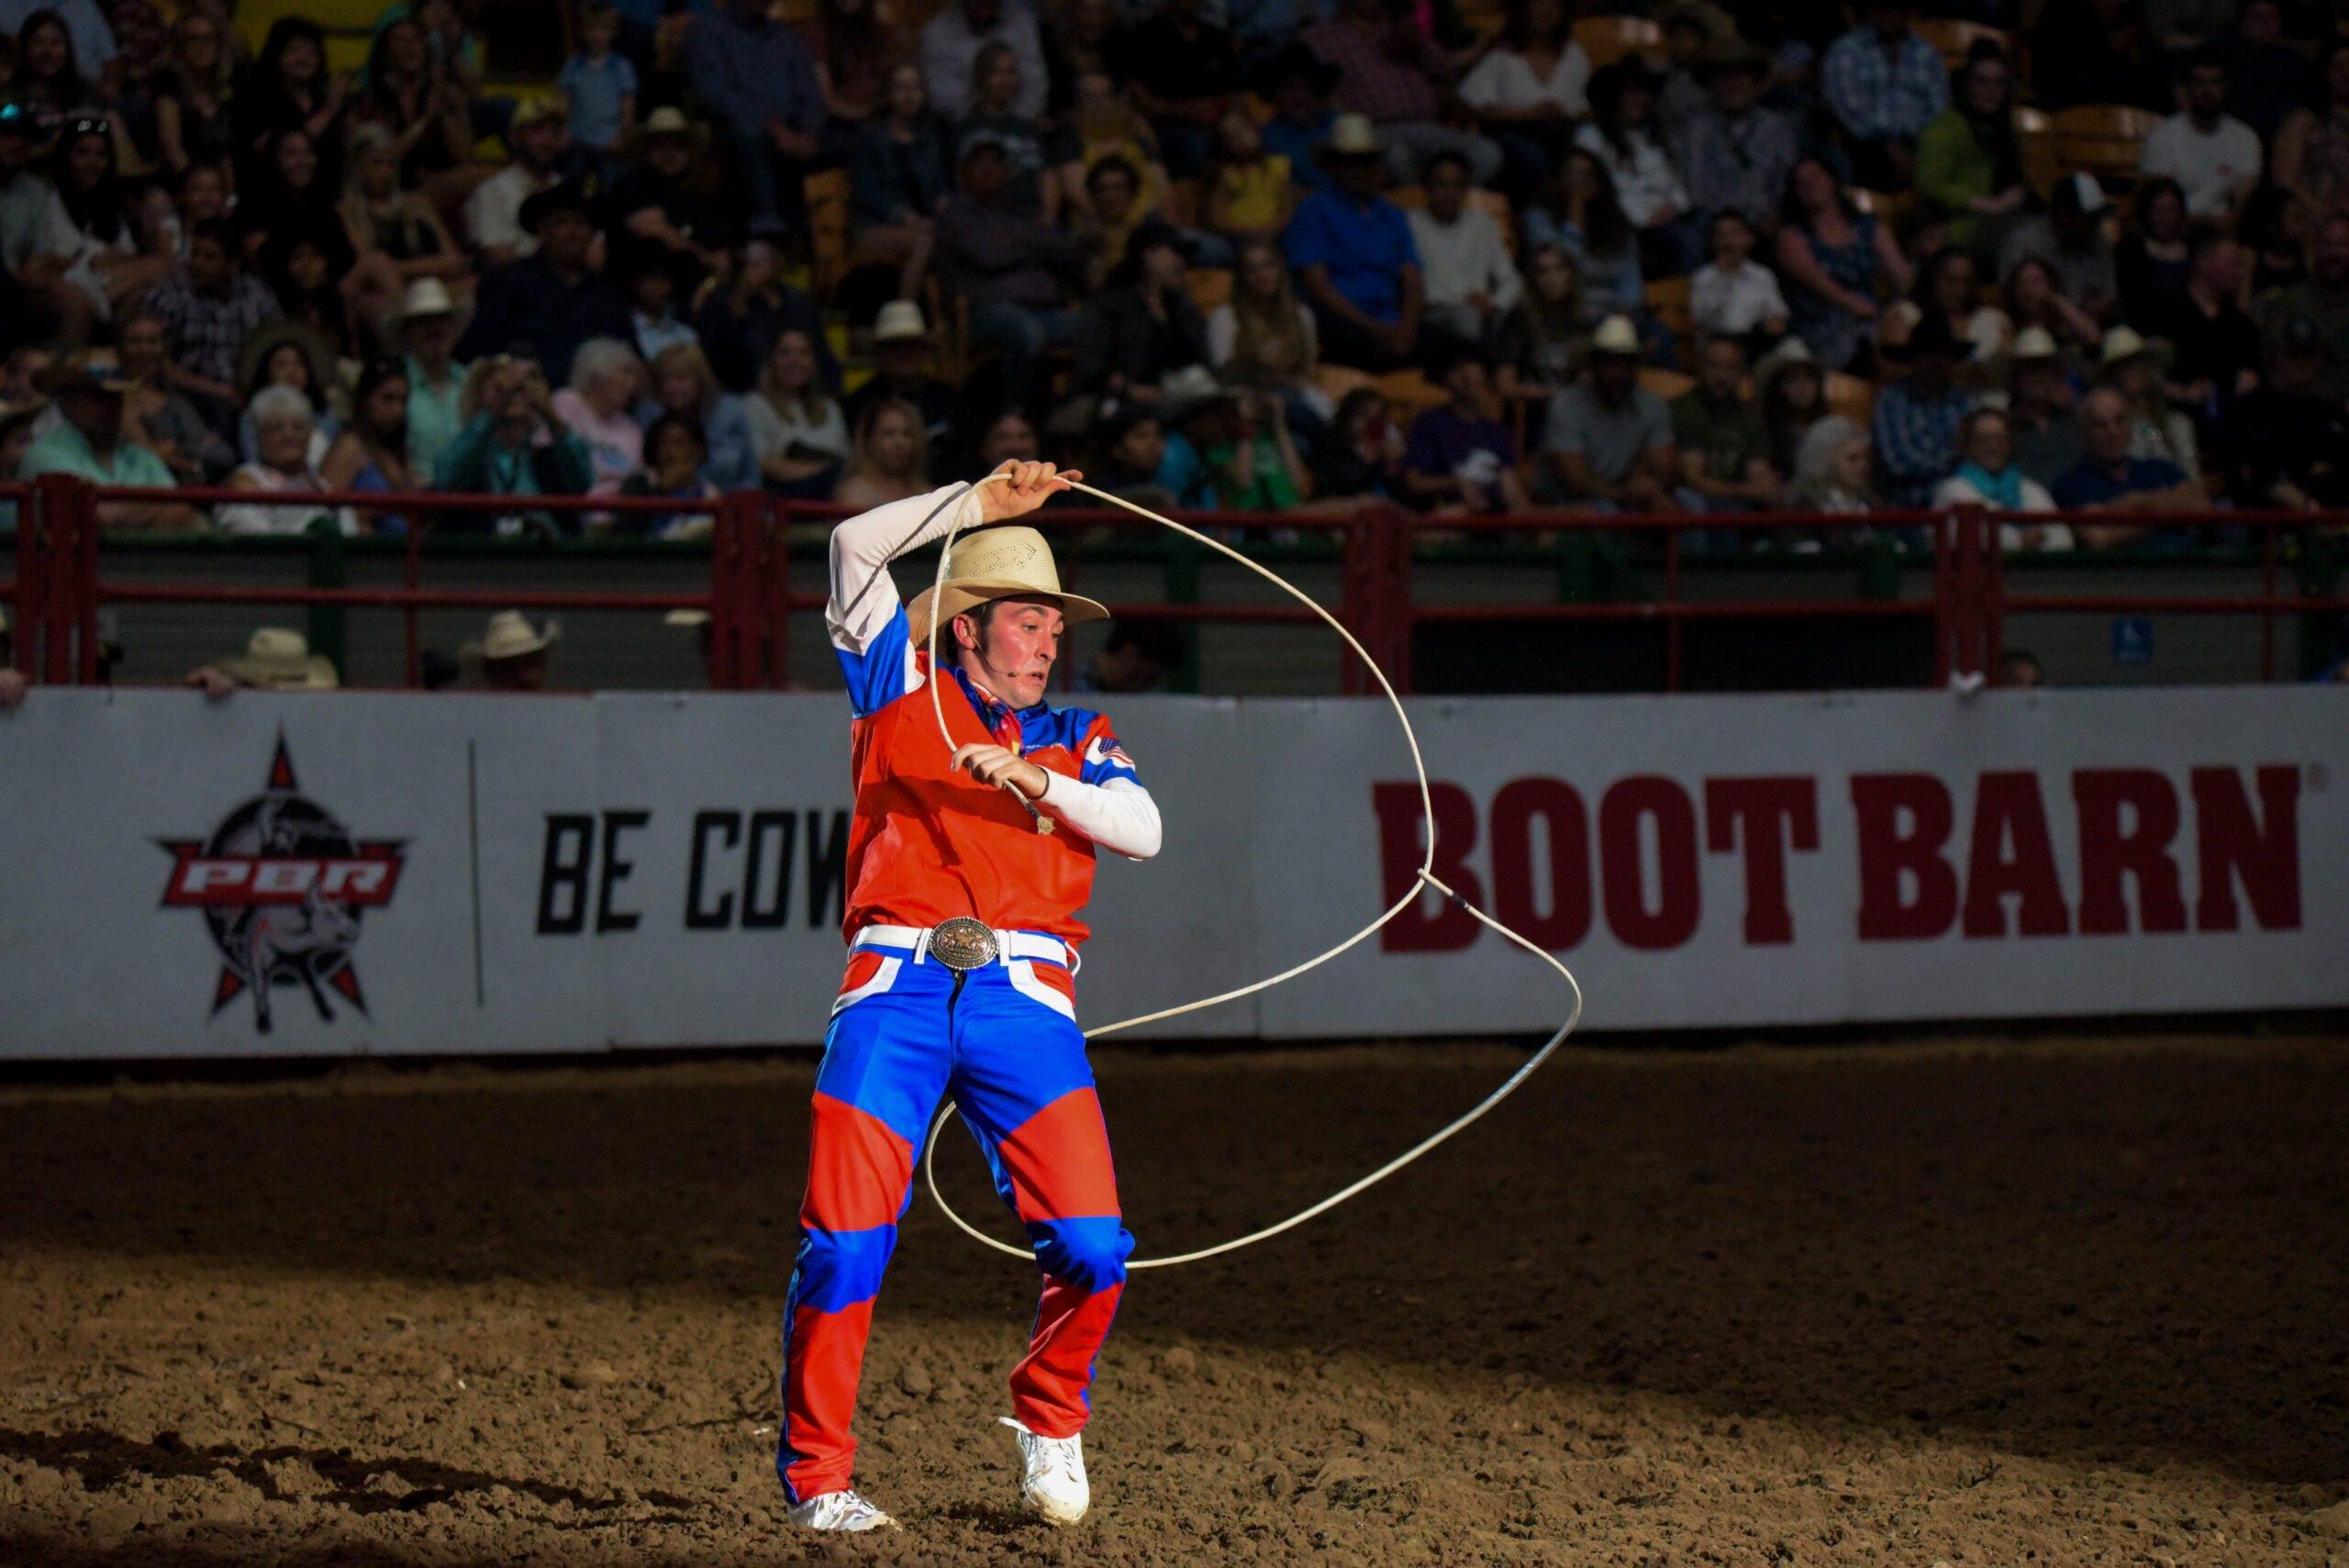 Cowboy com um laço na arena